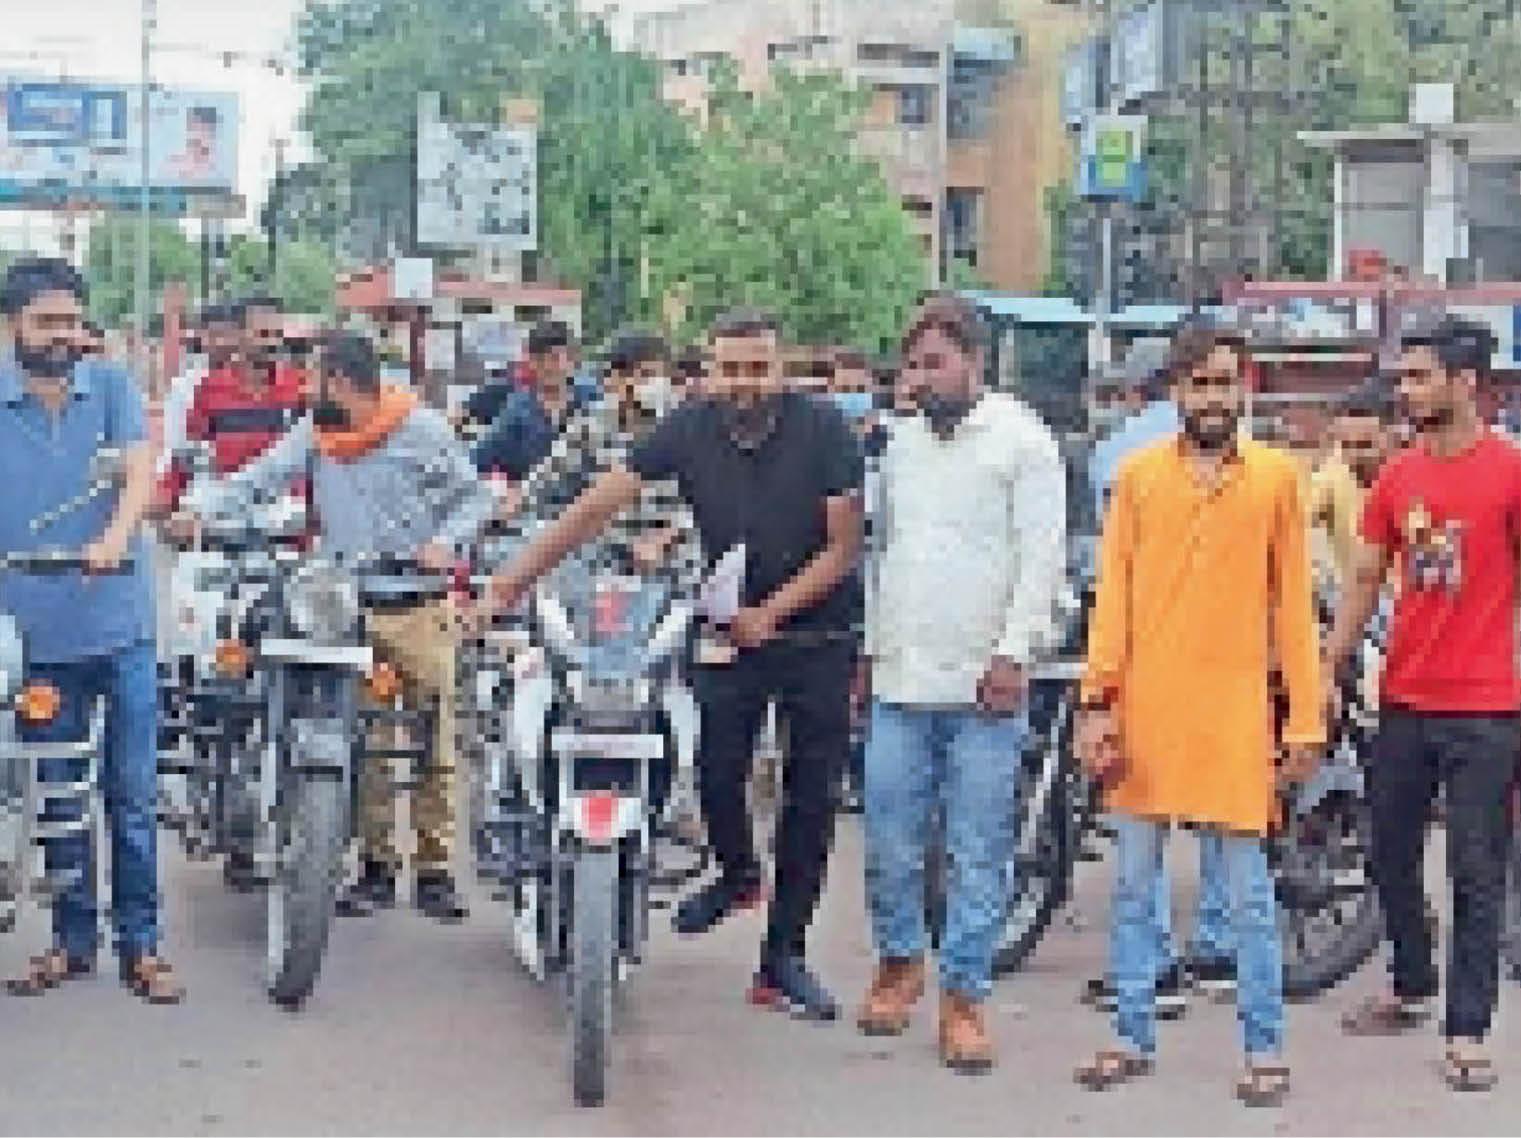 छतरपुर|पैदल बाइक रैली निकालकर प्रदर्शन करते हुए बजरंग सेना। - Dainik Bhaskar